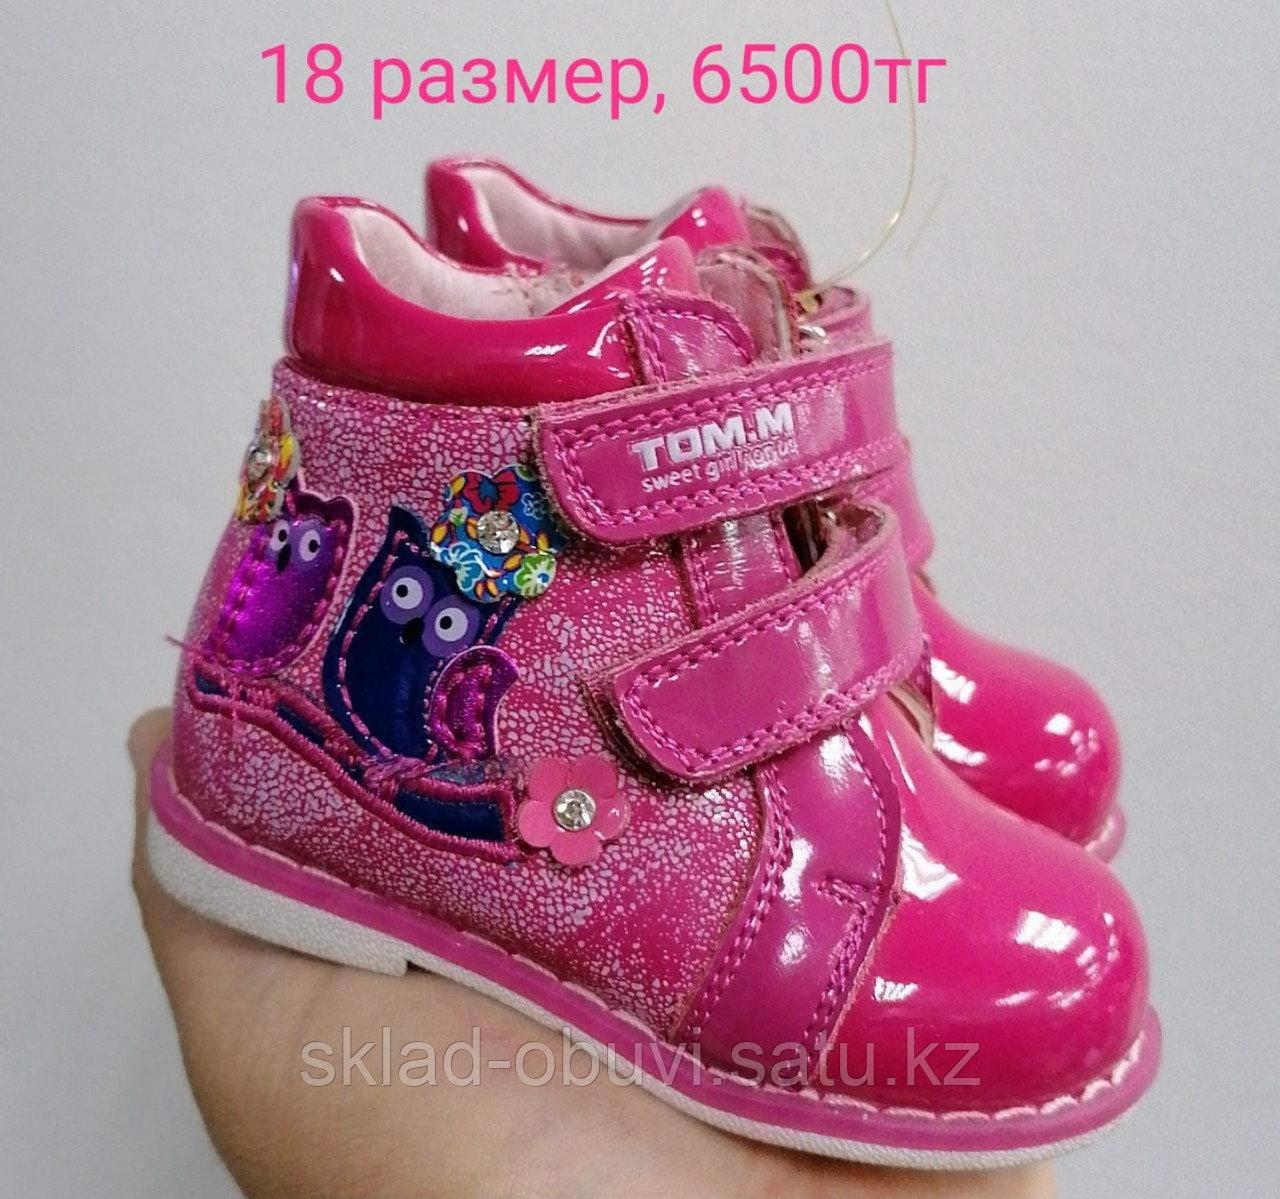 Кожаные детские ботиночки. Распродажа со склада мелким оптом. - фото 9